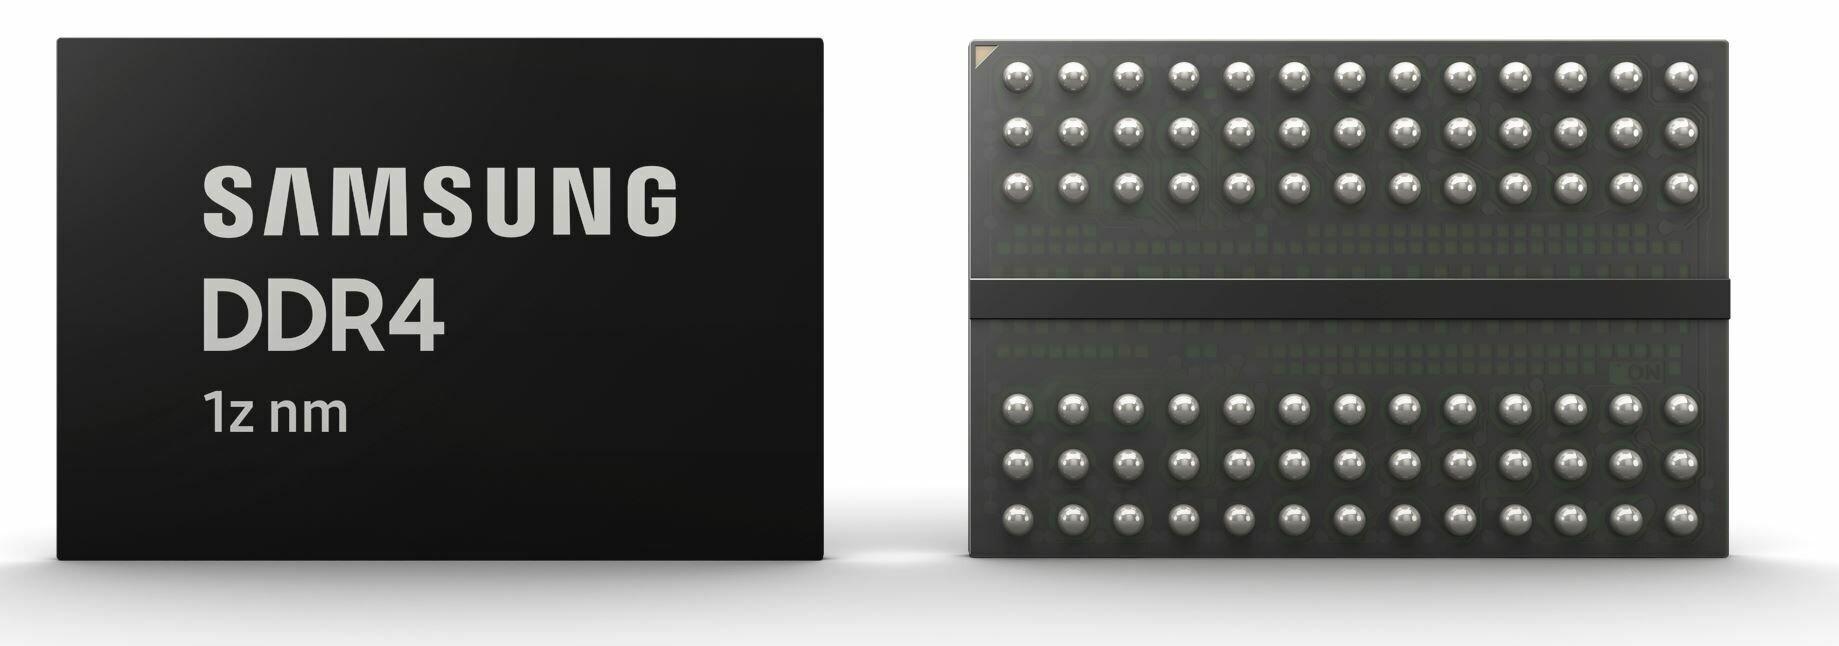 Samsung DDR4 3e génération